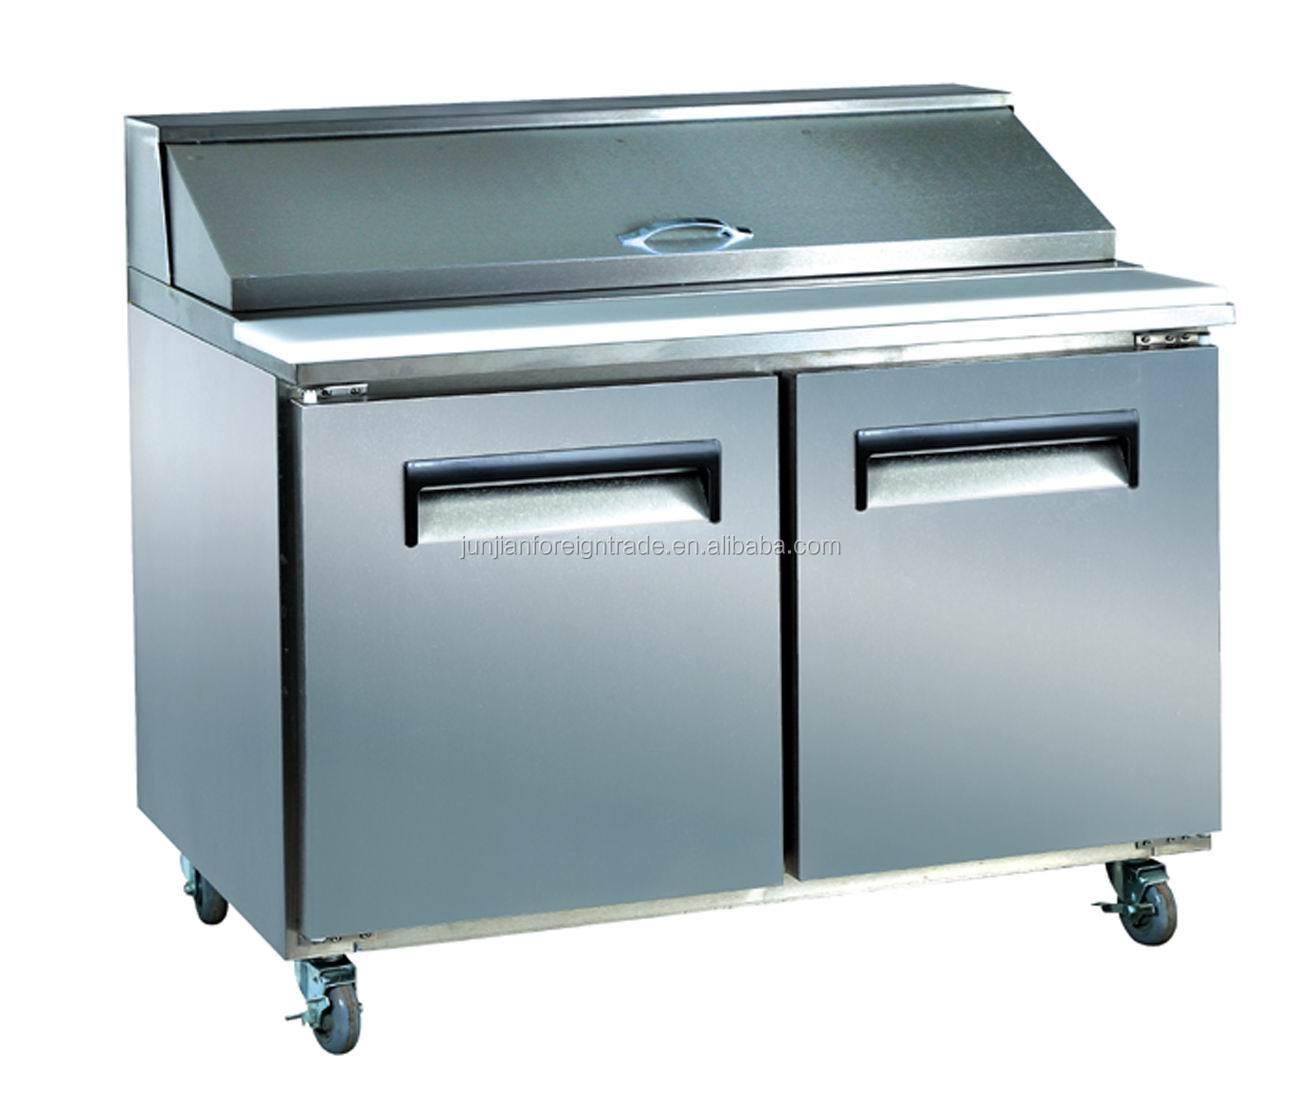 2015 Sales Well Glass Door Freezer Work Table Refrigerator